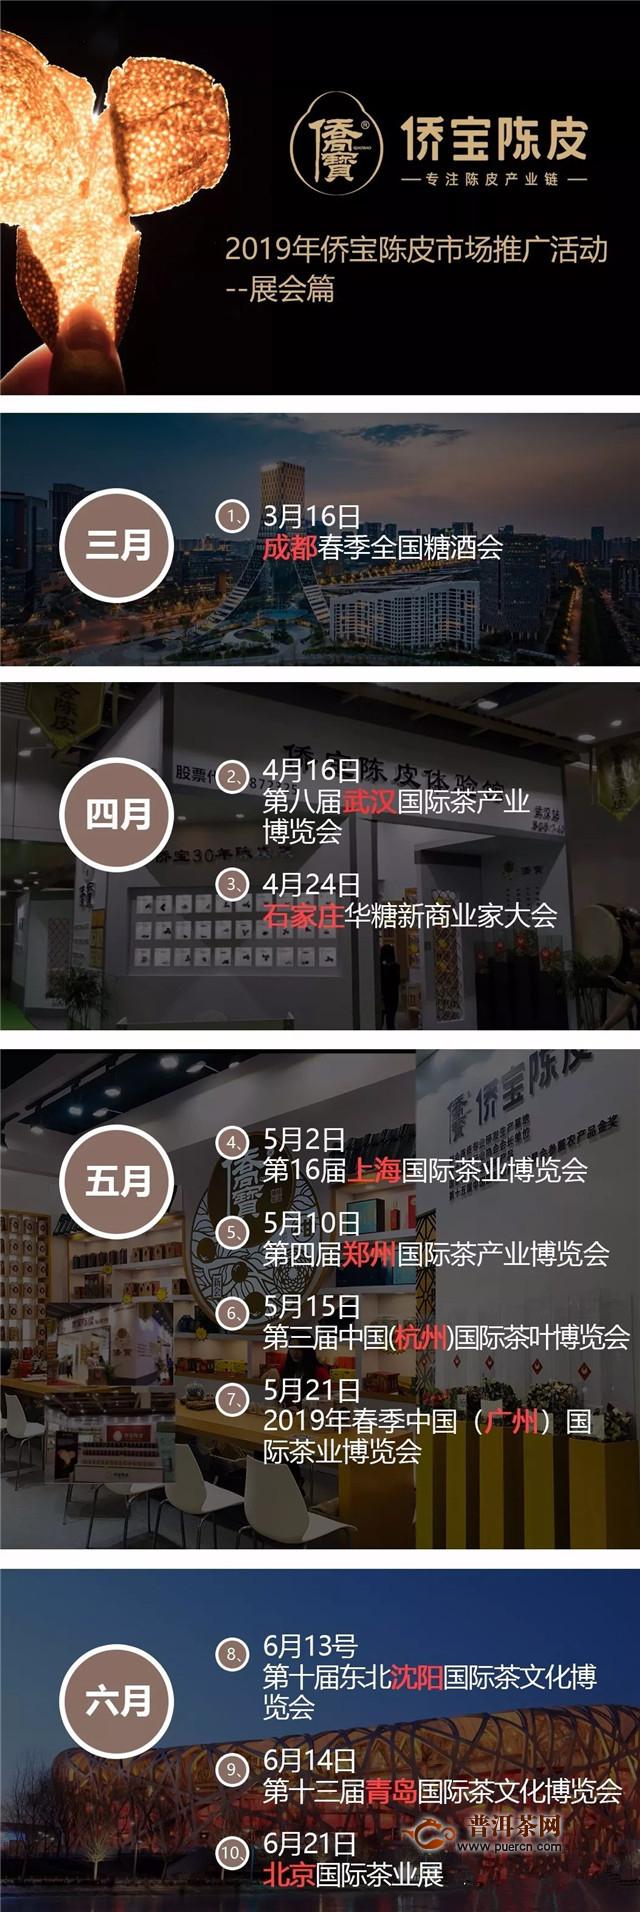 年度盘点 2019年丽宫食品与你的31场柑香相会,31场陈香盛宴